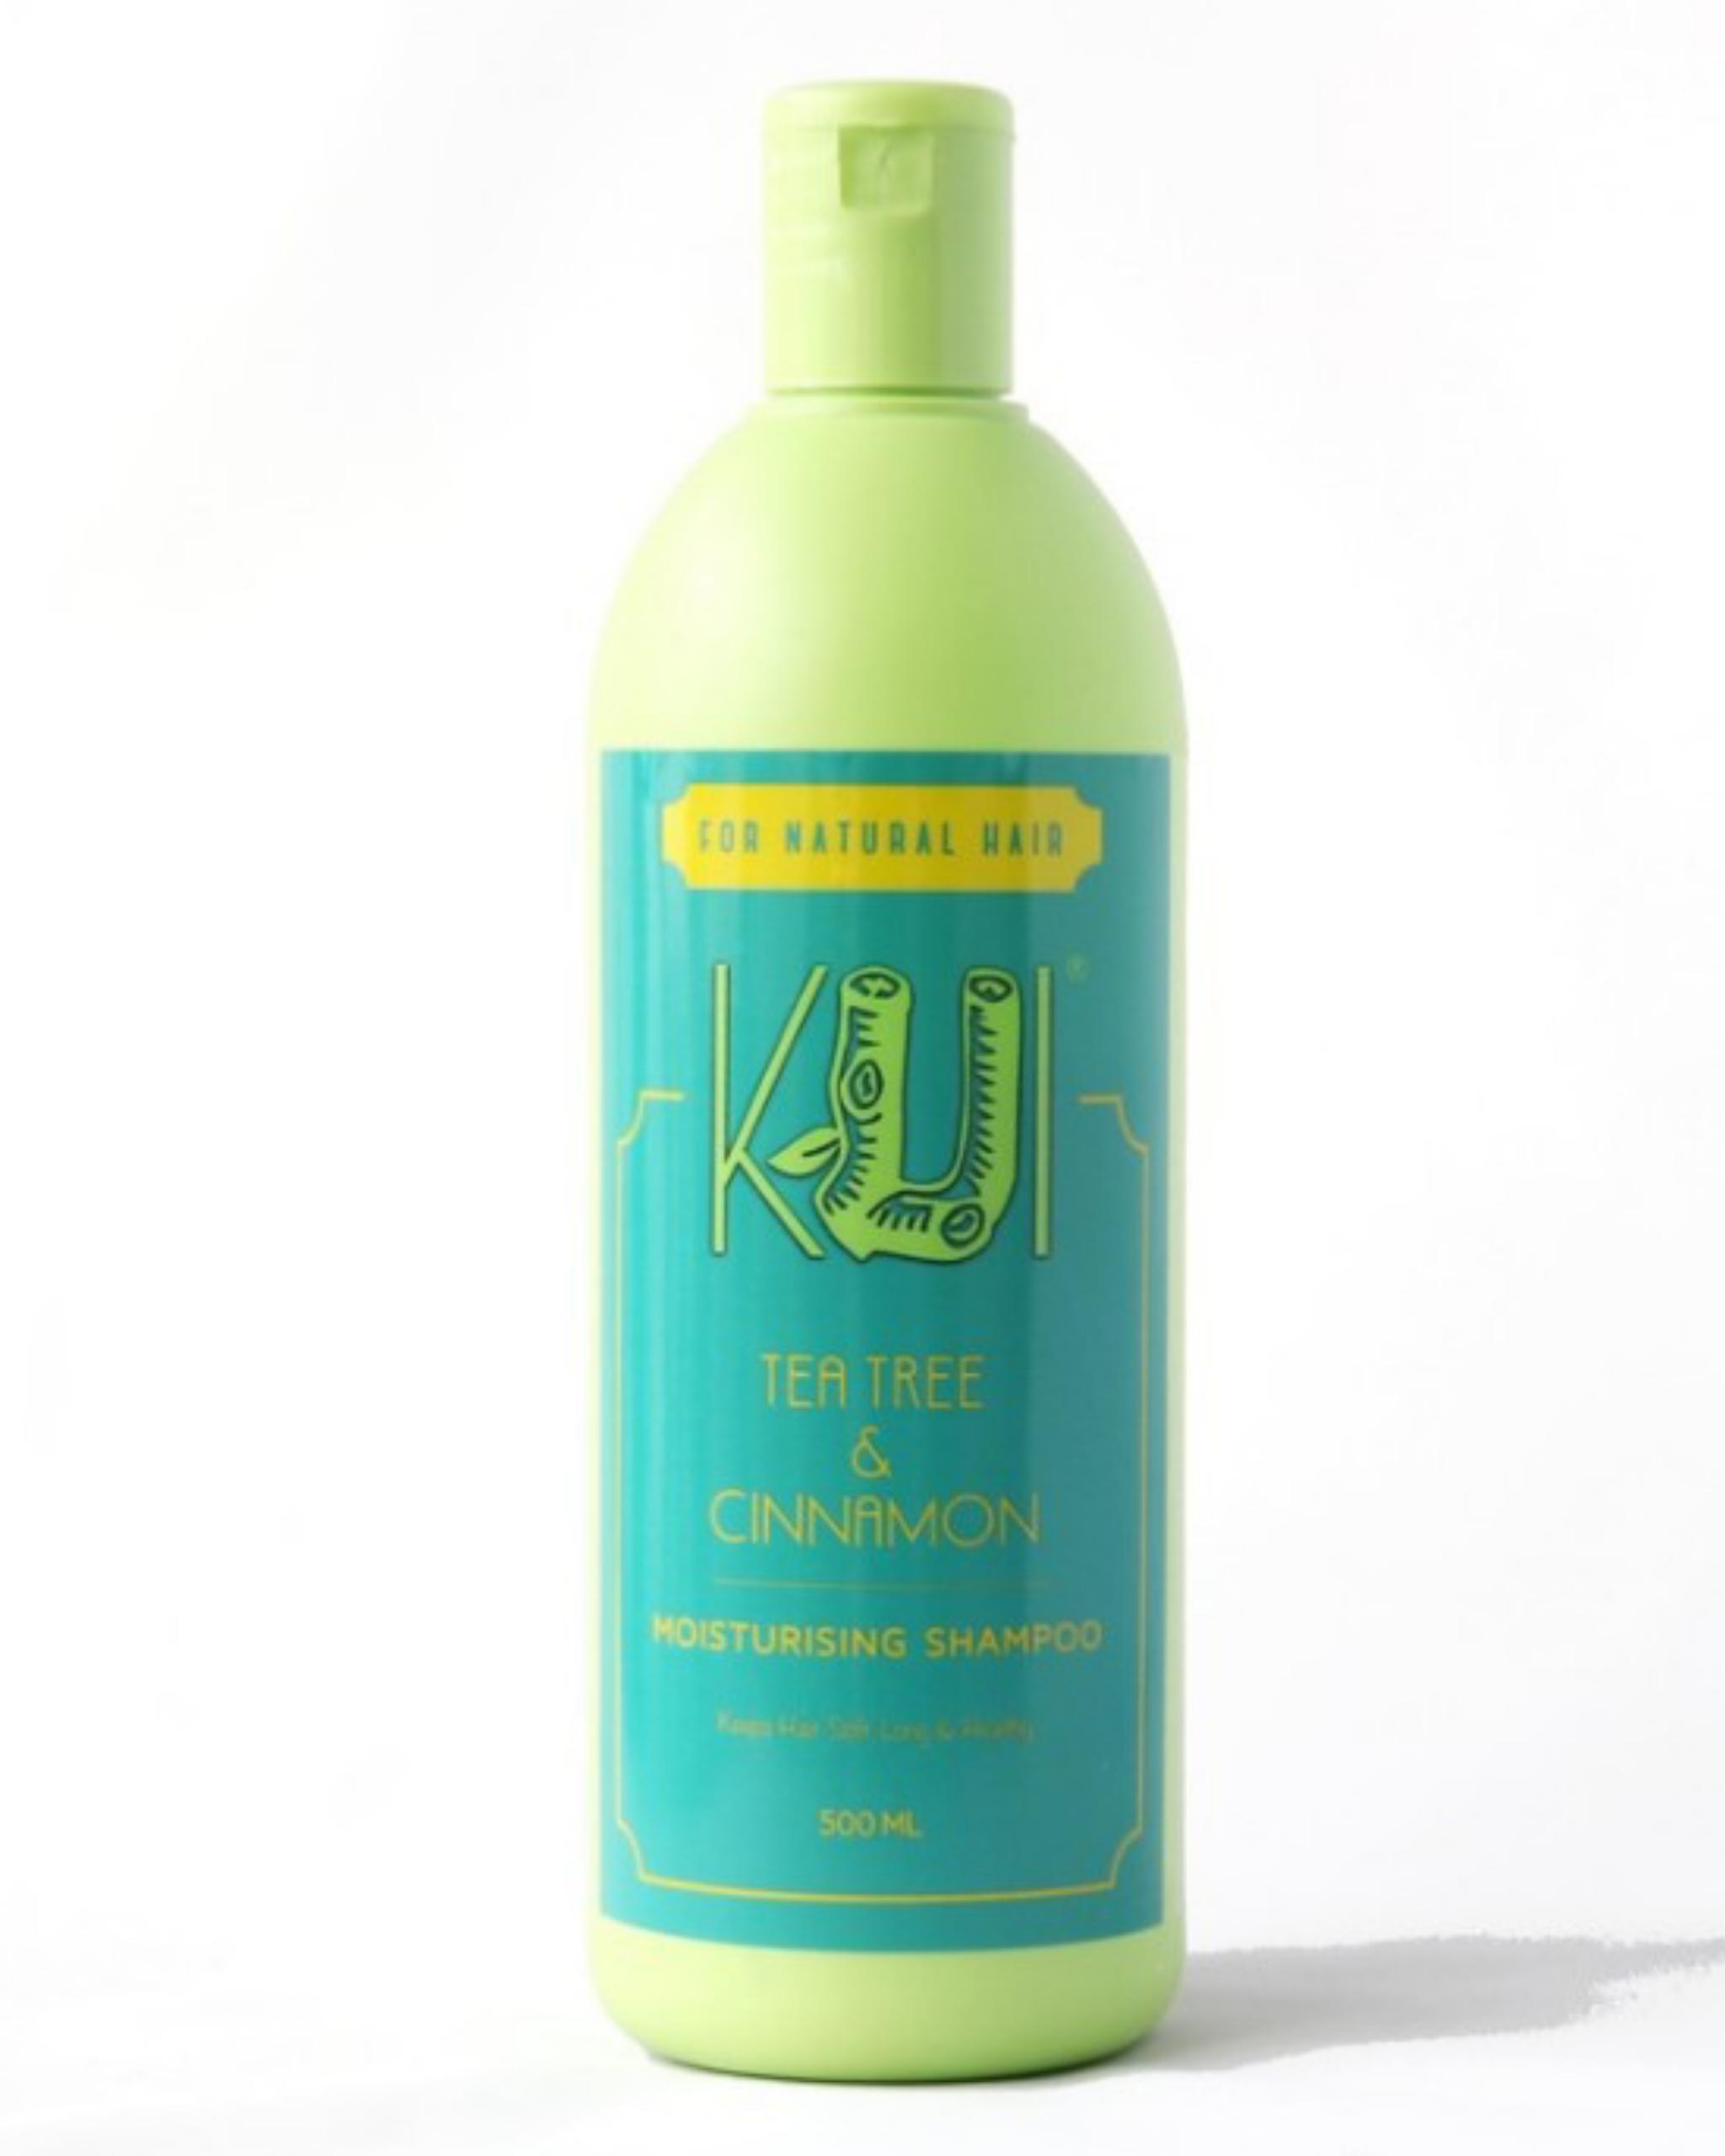 Kui Tea Tree & Cinnamon Moisturising Shampoo